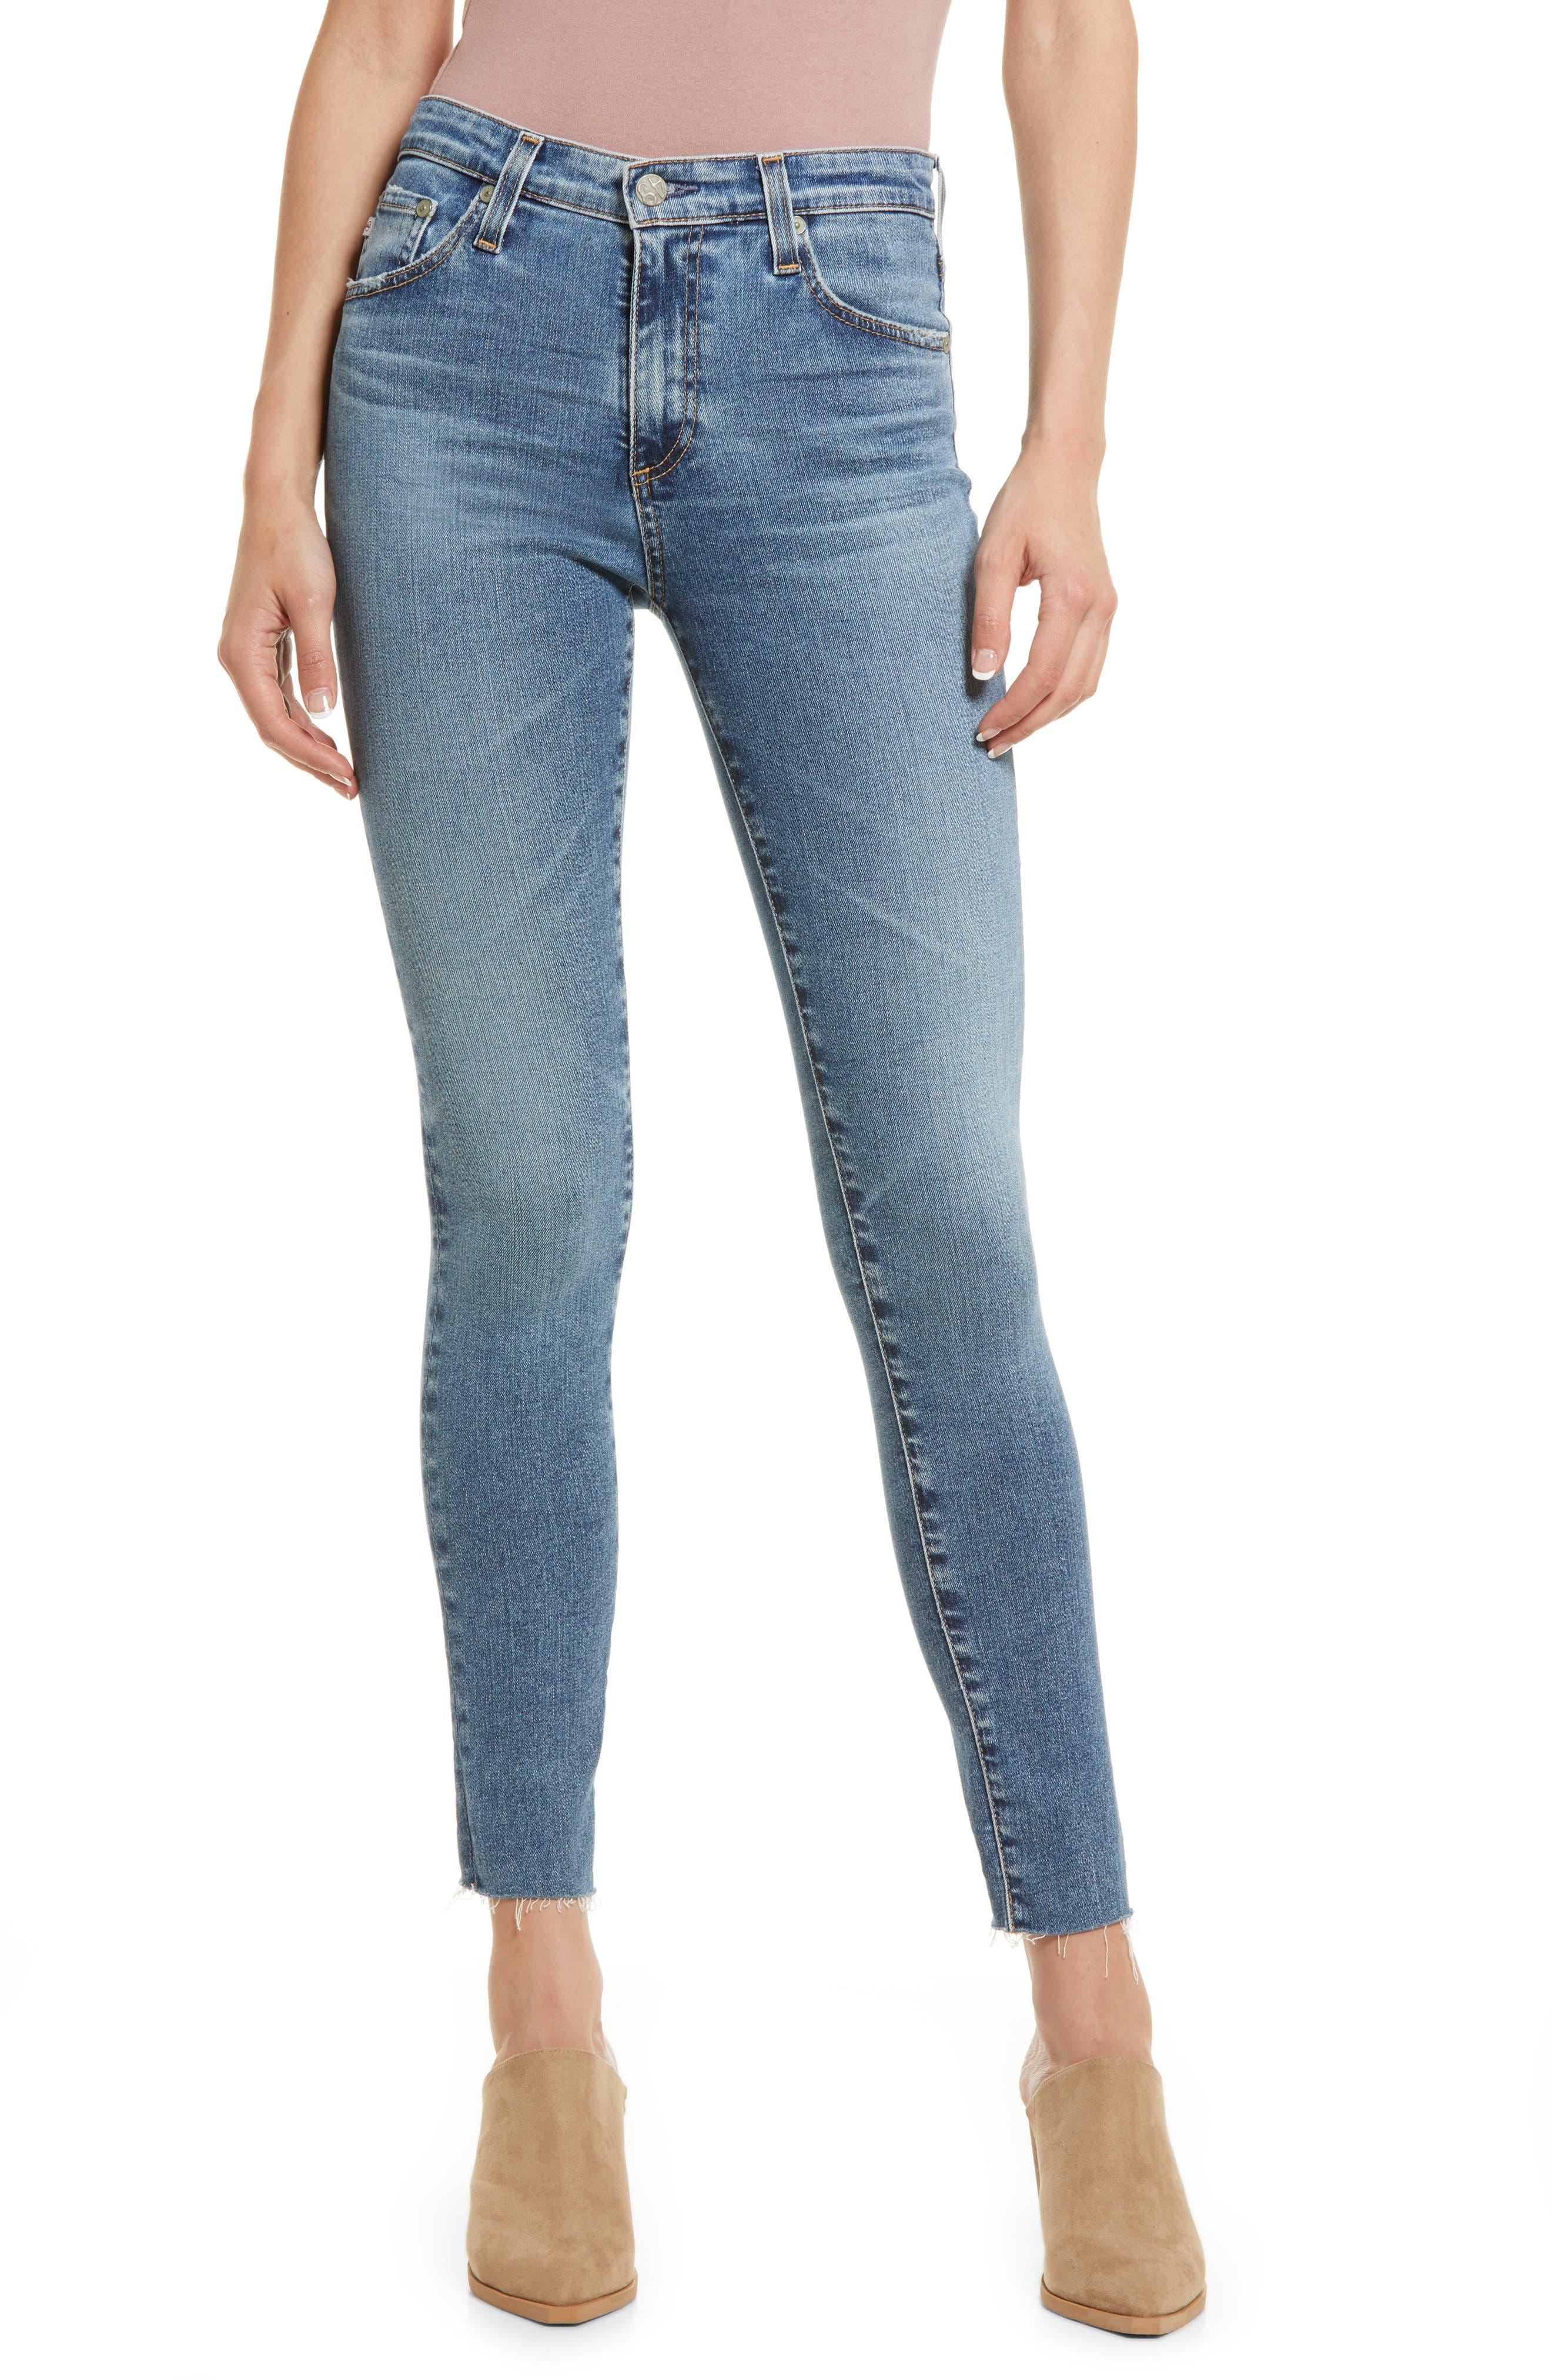 The Farrah High Waist Ankle Skinny Jeans